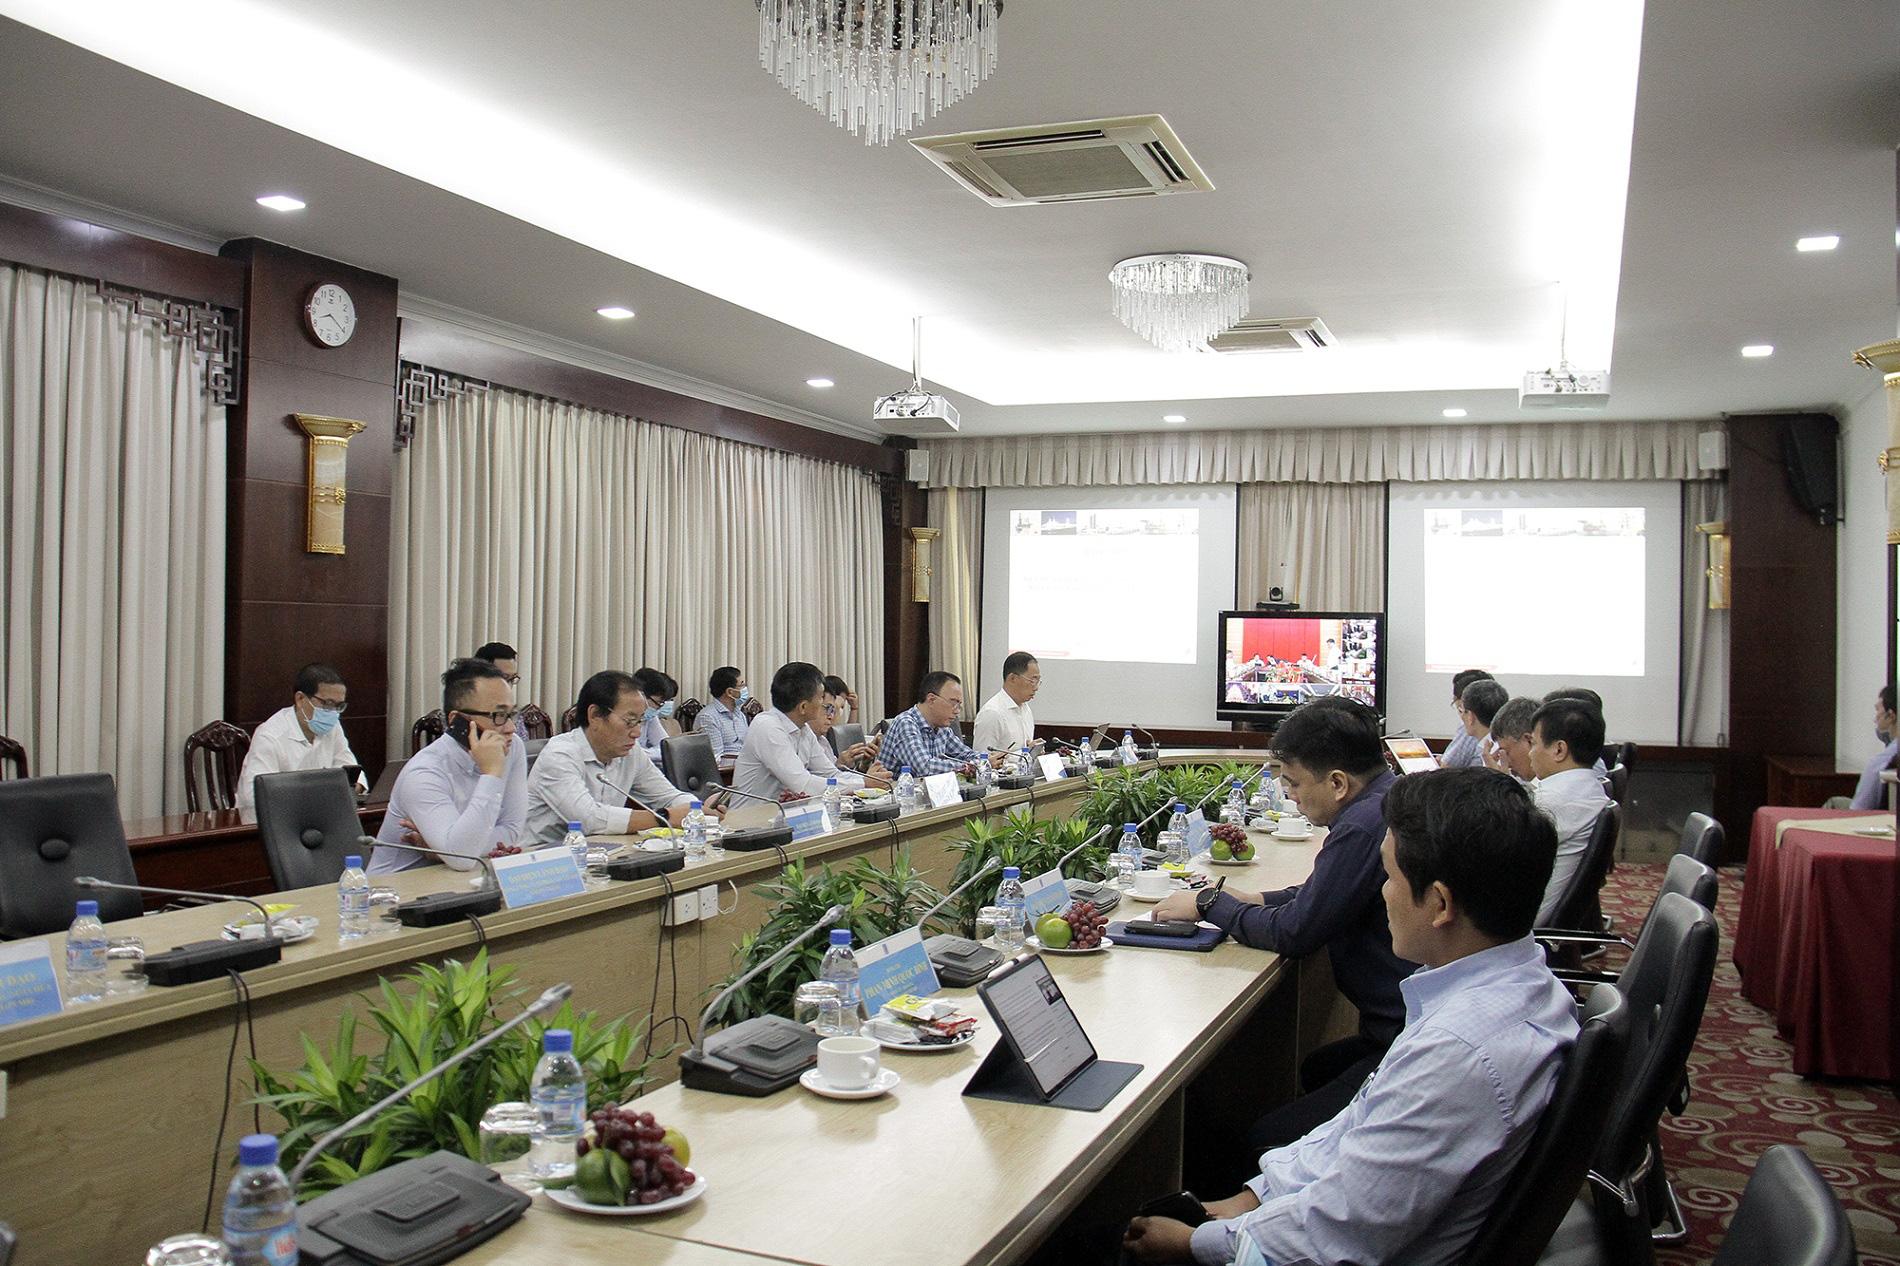 PVN báo lãi hơn 10 ngàn tỷ, nộp ngân sách Nhà nước hơn 38 ngàn tỷ đồng - Ảnh 2.